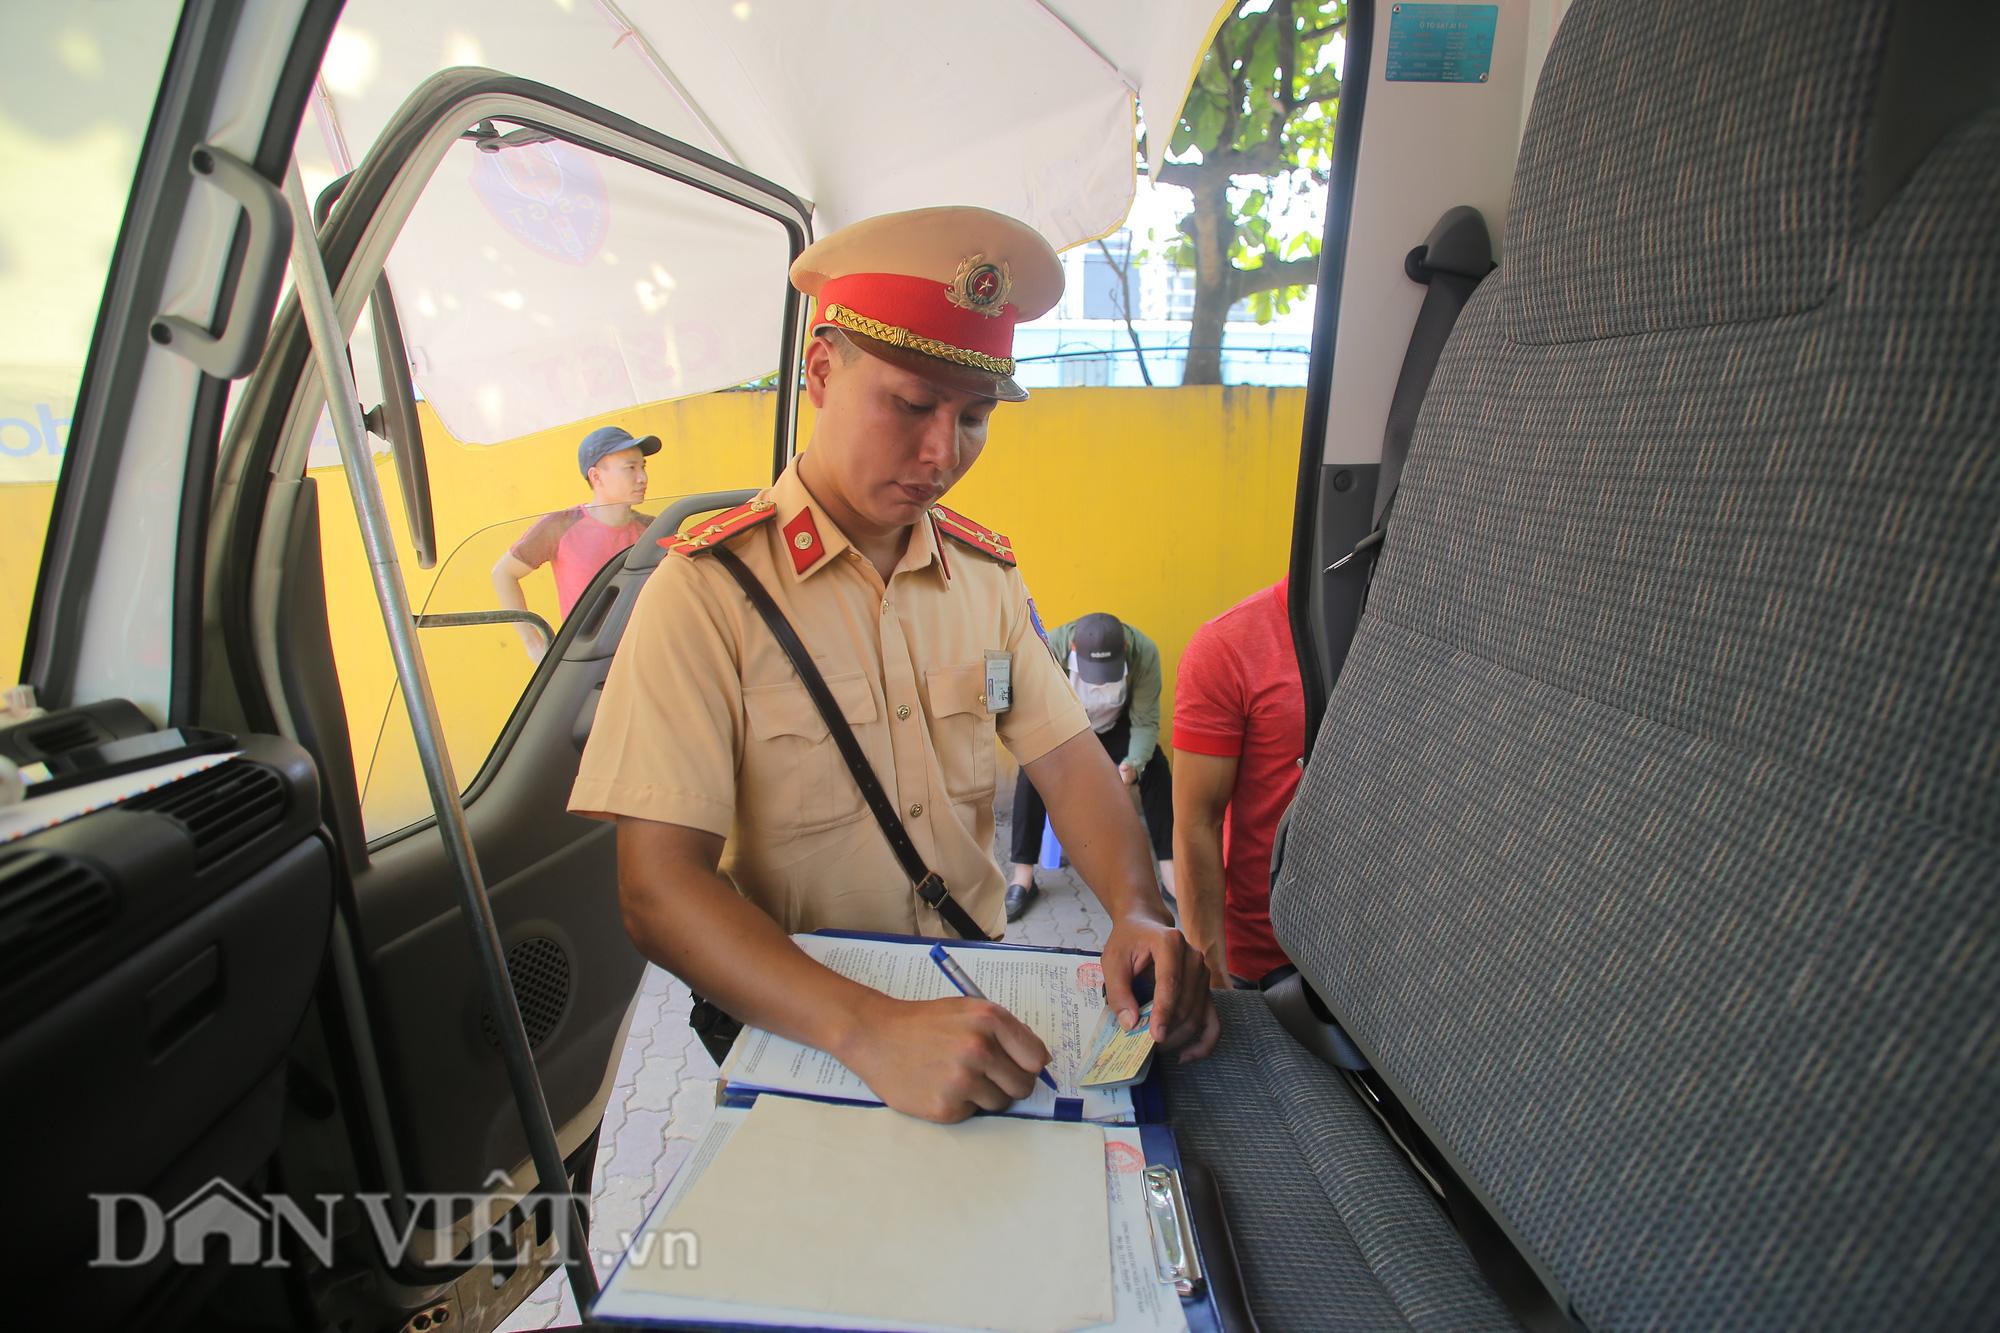 """Hàng loạt xe chạy """"rùa bò"""", bắt khách dọc đường bị CSGT Hà Nội xử lý - Ảnh 6."""